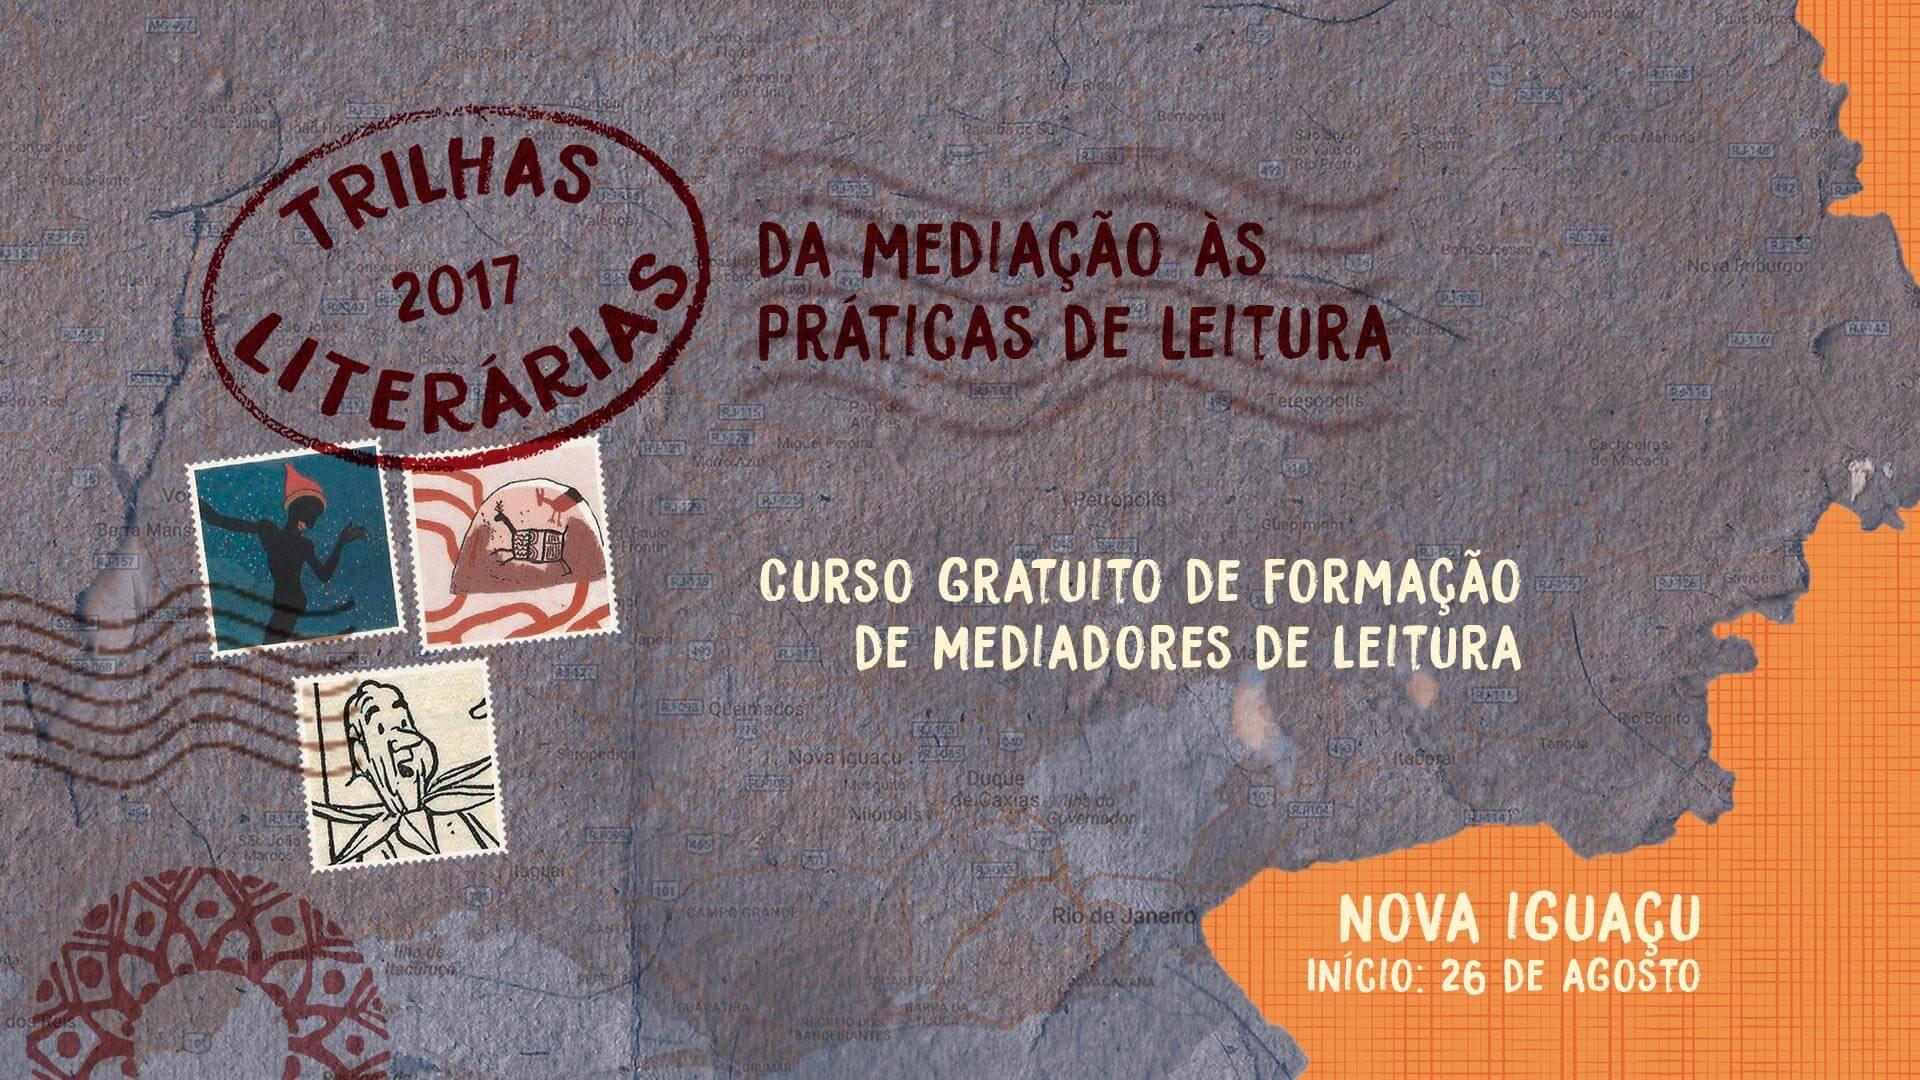 capa_eventoFB_NovaIgua (1)